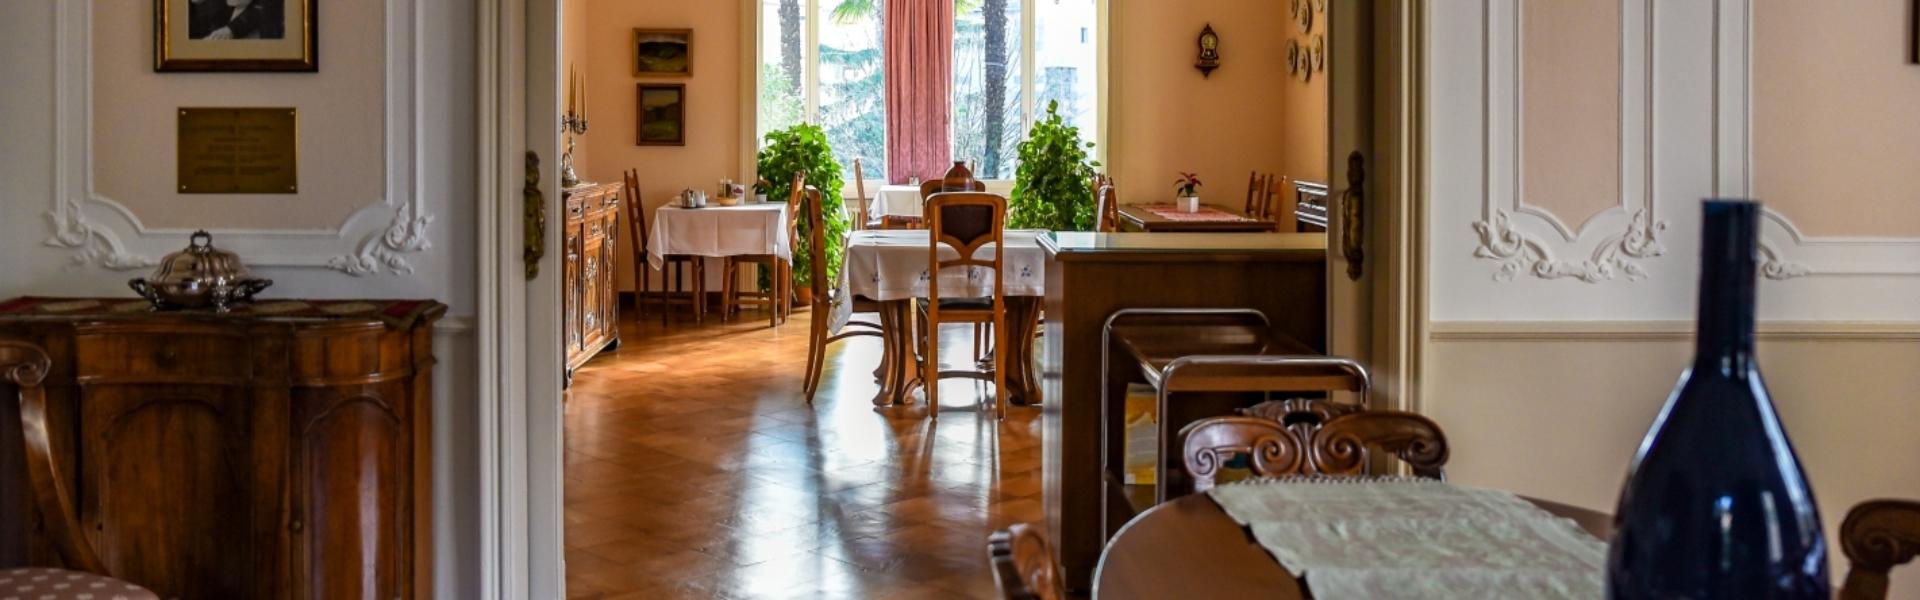 header_casasantabirgitta_diningroom_01